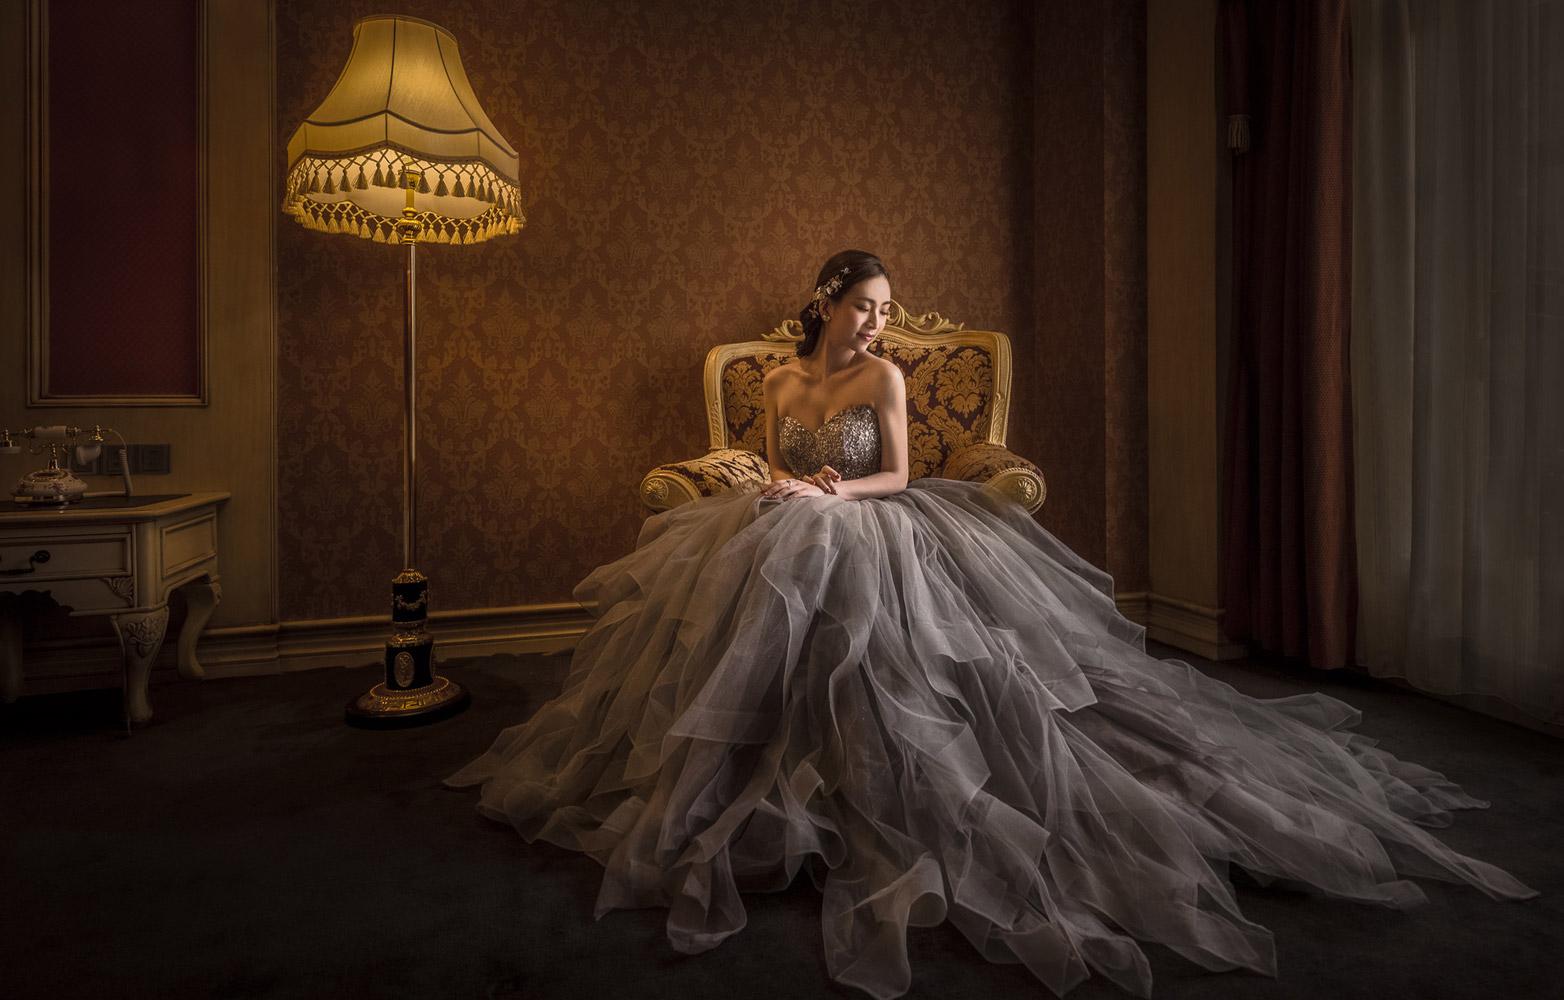 © Питер Лю / Peter Liu, Первое место в категории «Свадьба — Невеста в одиночестве: День свадьбы», Фотоконкурс WPPI Second Half Competition